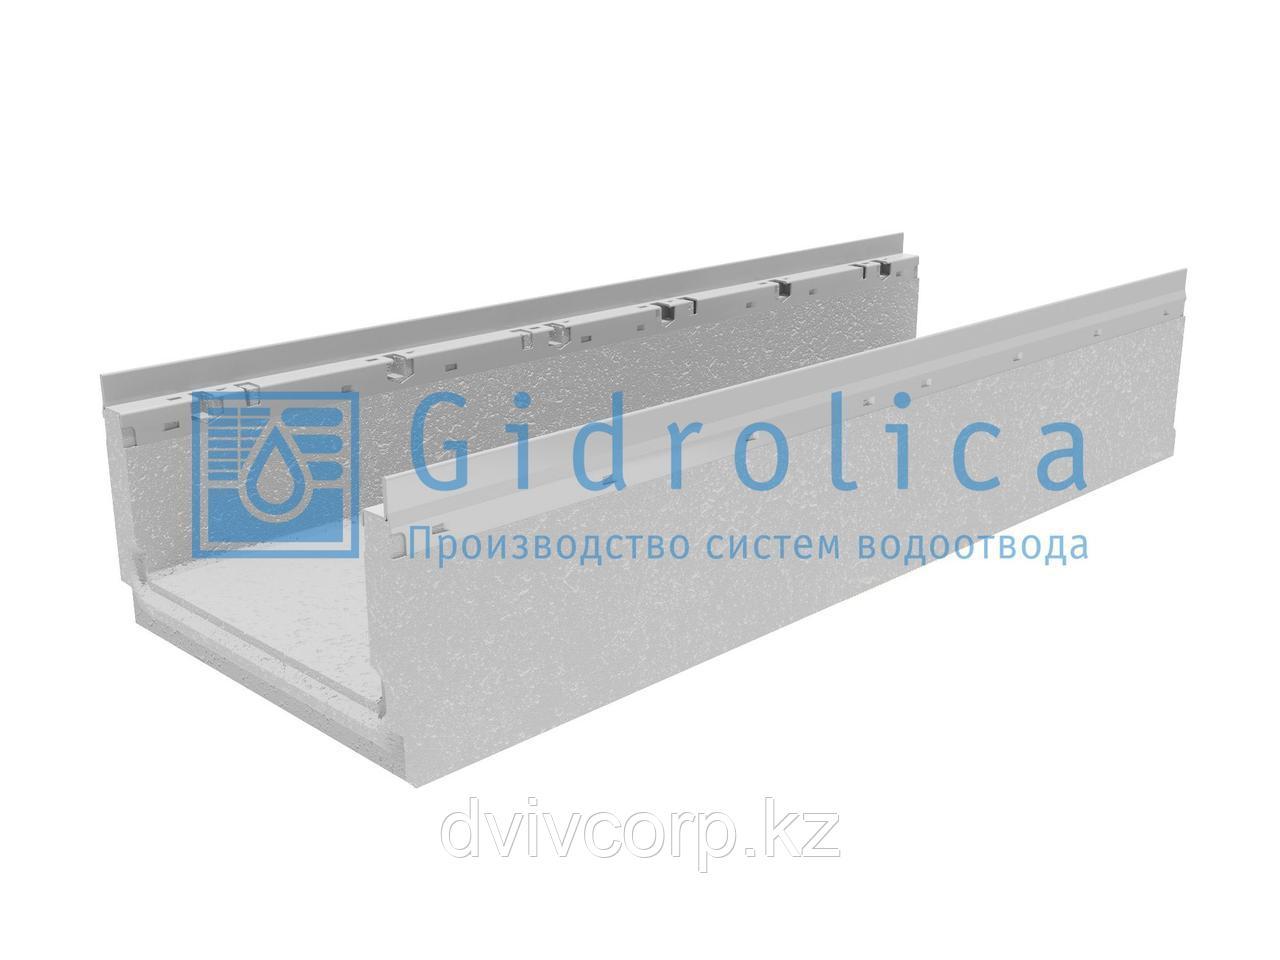 Лоток водоотводный бетонный коробчатый (СО-300мм) с оцинкованной насадкой КП 100.36,3 (30).20(15,5) - BGF-Z,